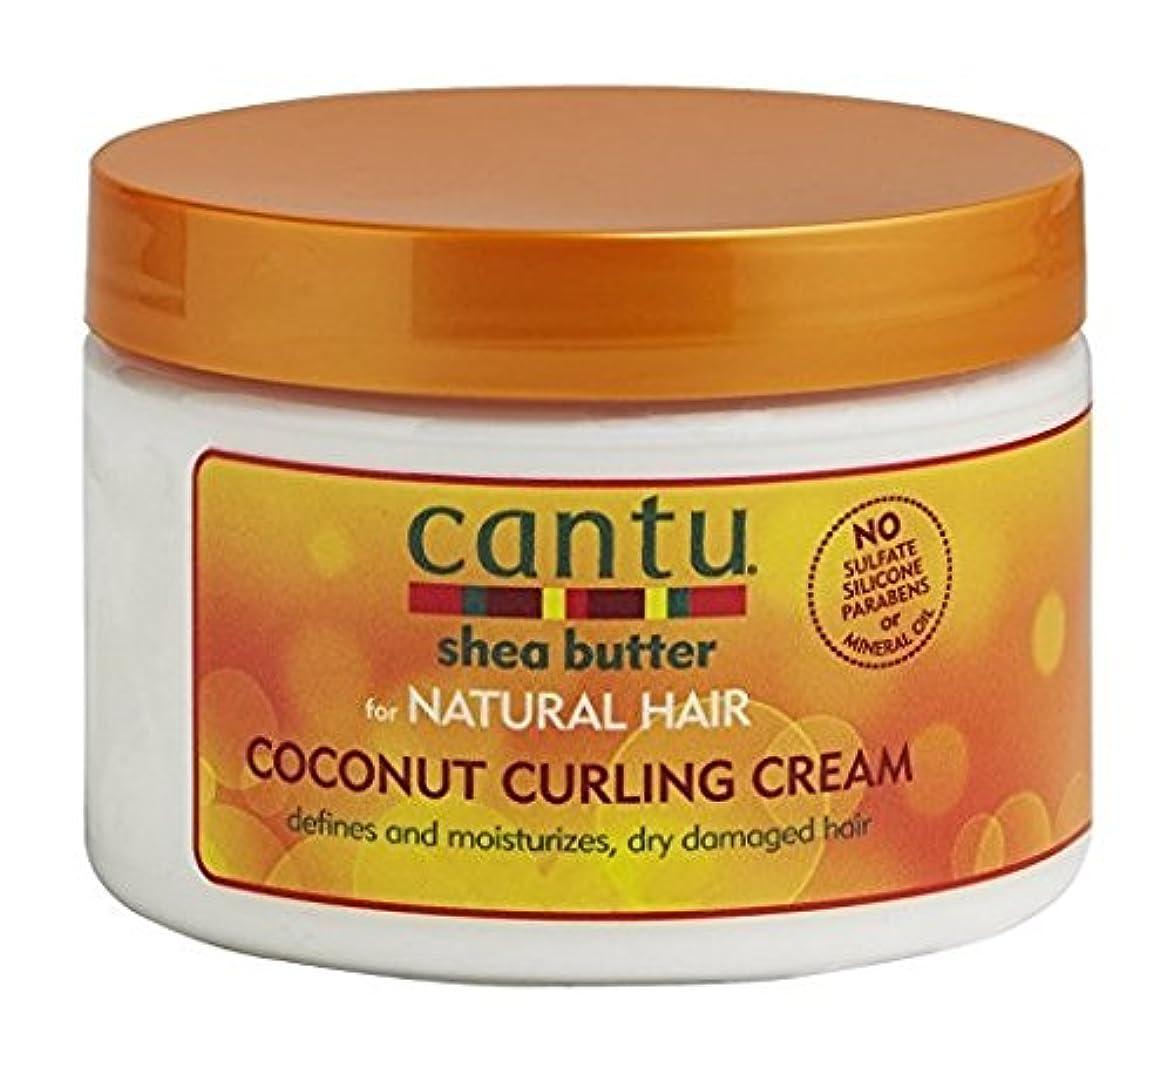 抜け目のない独占スリーブCantu Shea Butter for Natural Hair Coconut Curling Cream 340g